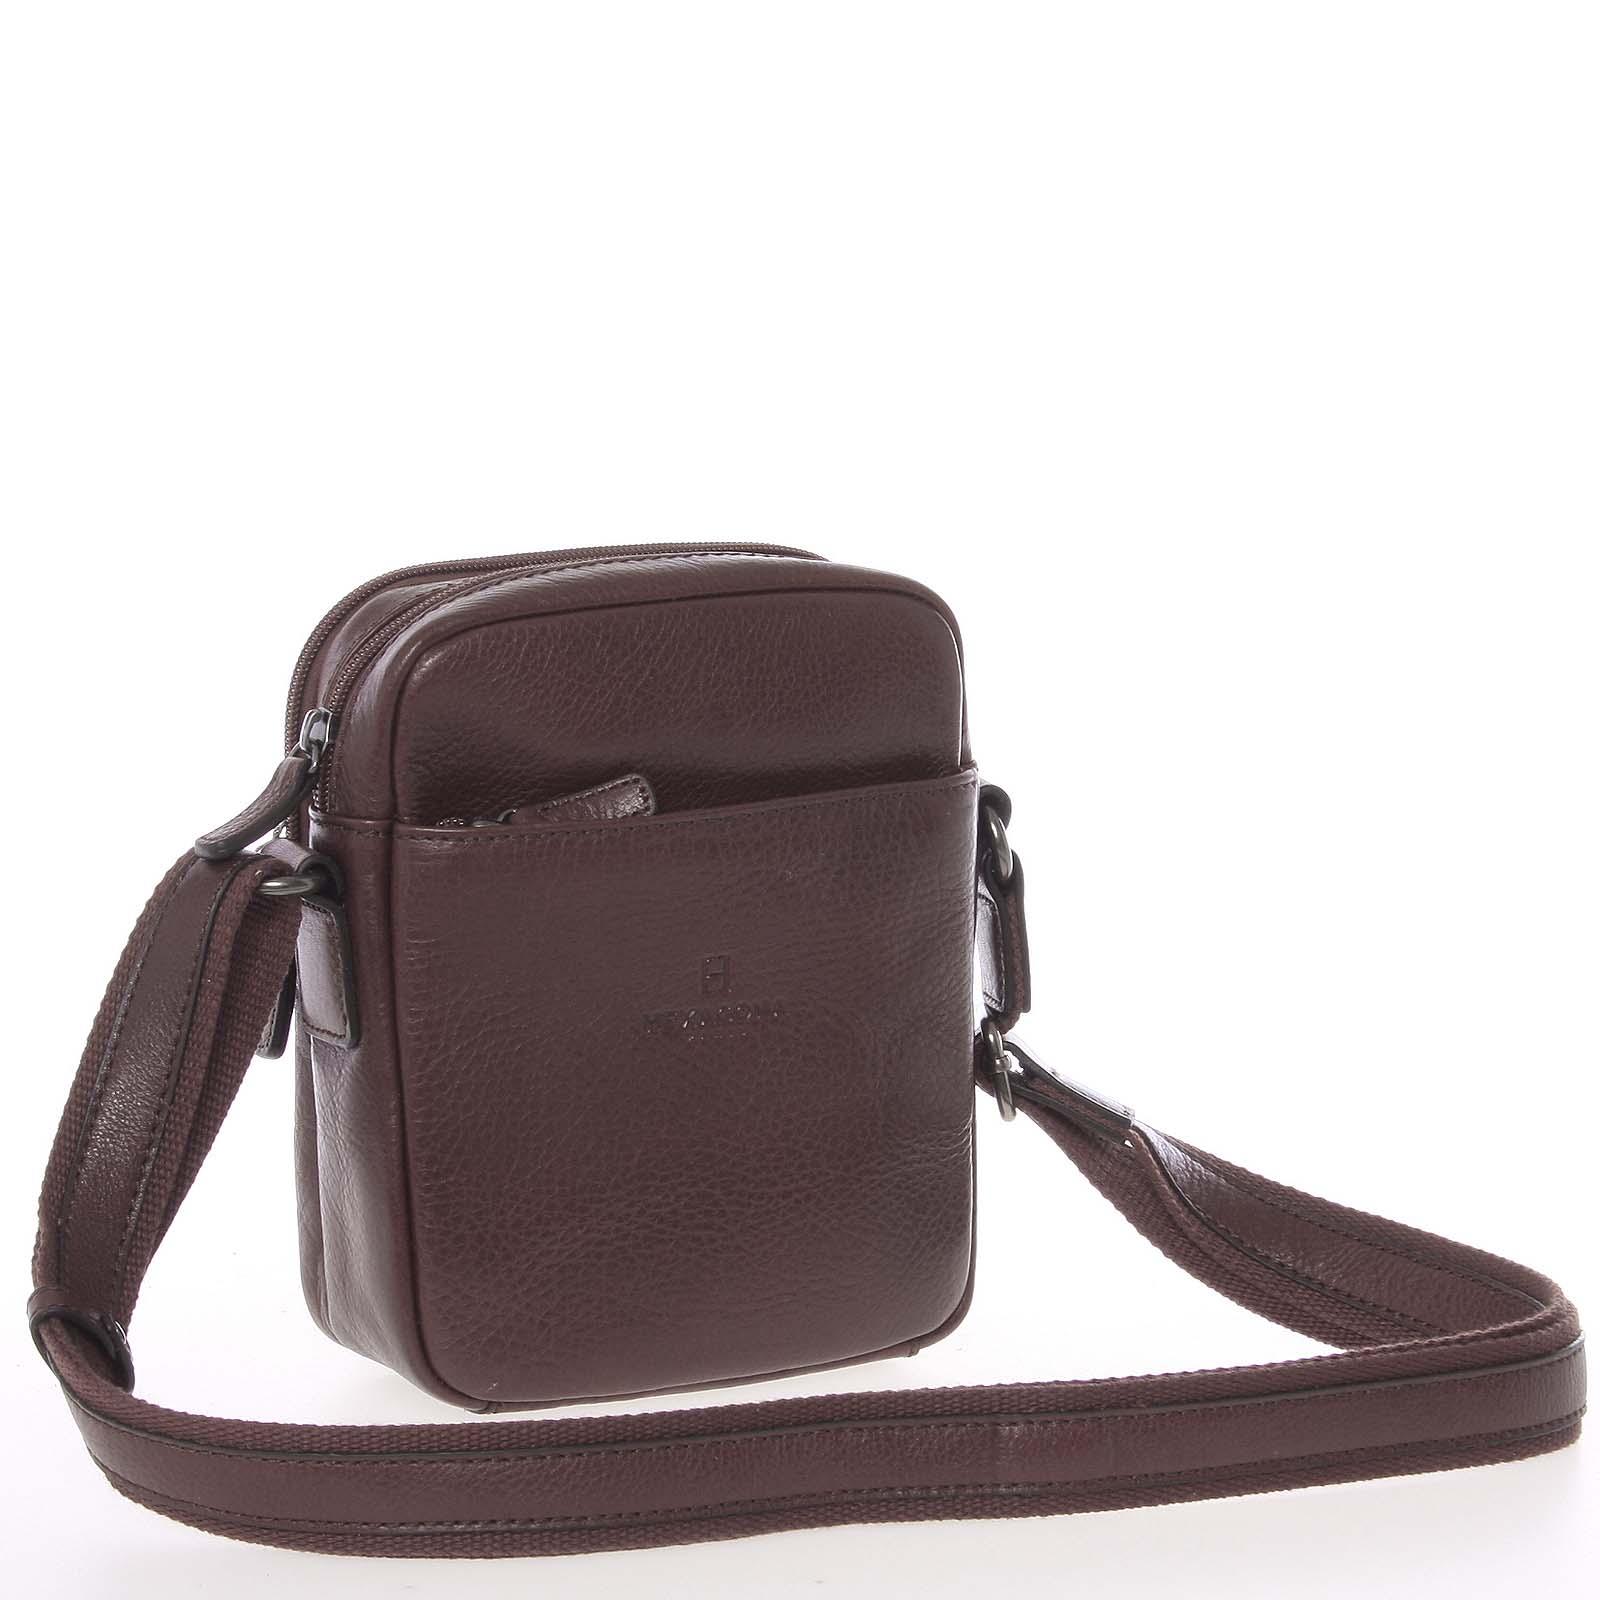 08e54c906 Hnedá luxusná kožená taška na doklady Hexagona 123477 hnedá - Glami.sk